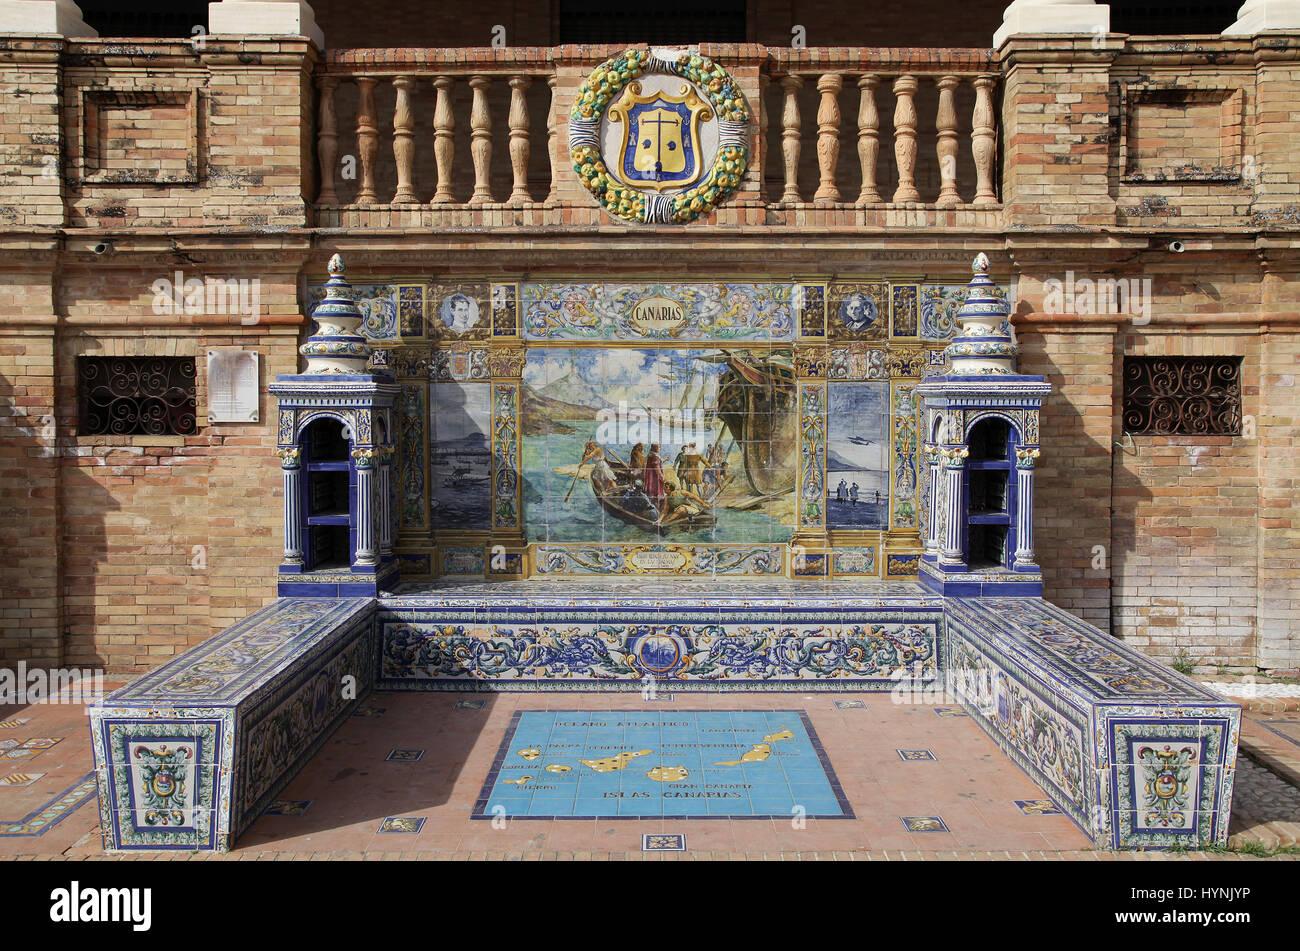 Keramik Azulejos gefliesten Provincial Bank oder Alkoven von Canarias auf der Plaza de España in Parque de Stockbild